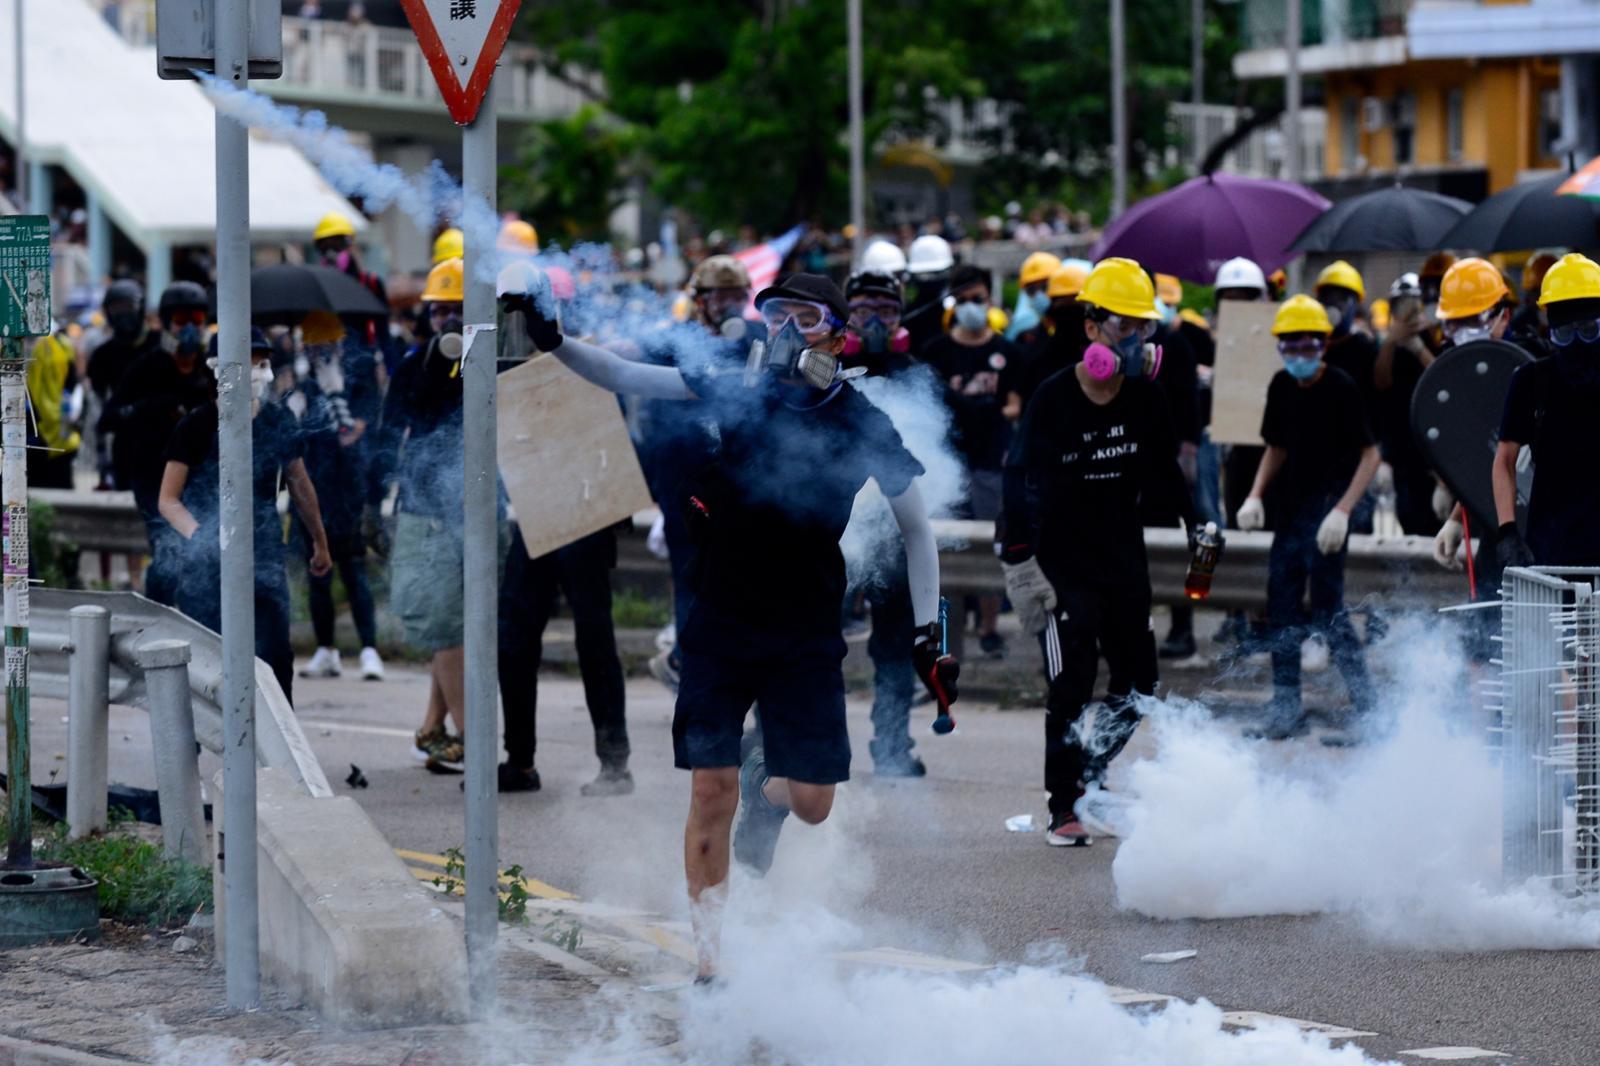 警方多次釋放催淚彈驅散示威者。資料圖片